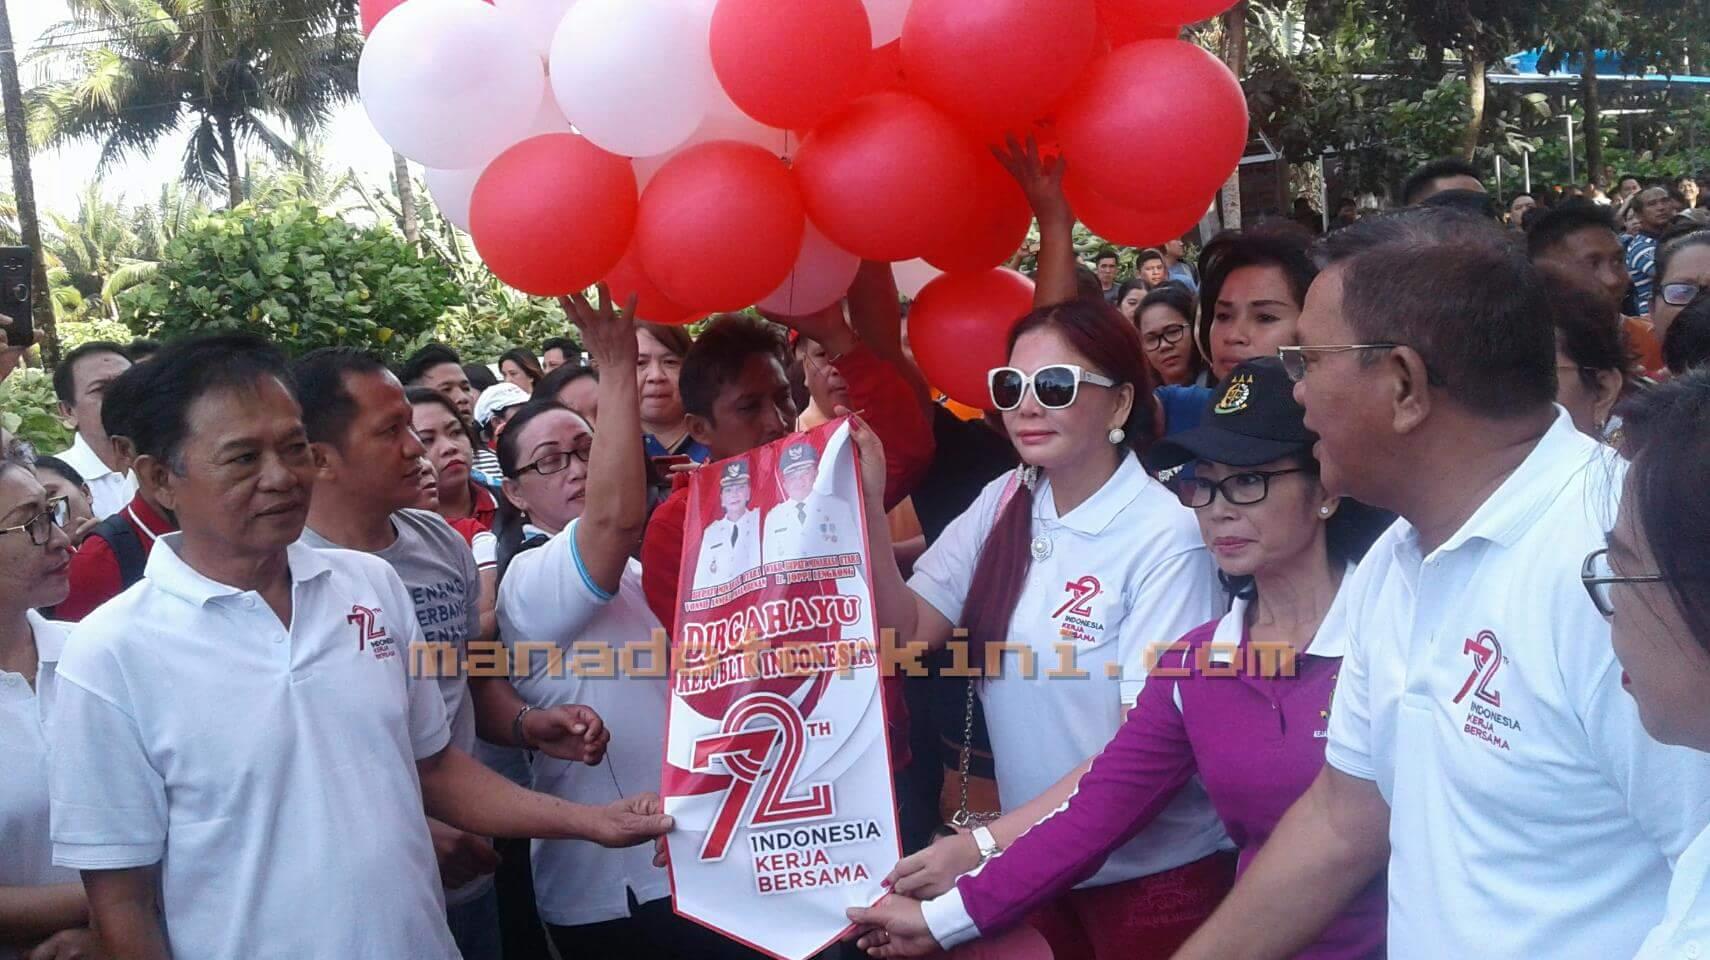 Bupati VAP Dan Wabup Lengkong Resmi Buka Rangkaian Kegiatan HUT RI Ke-72